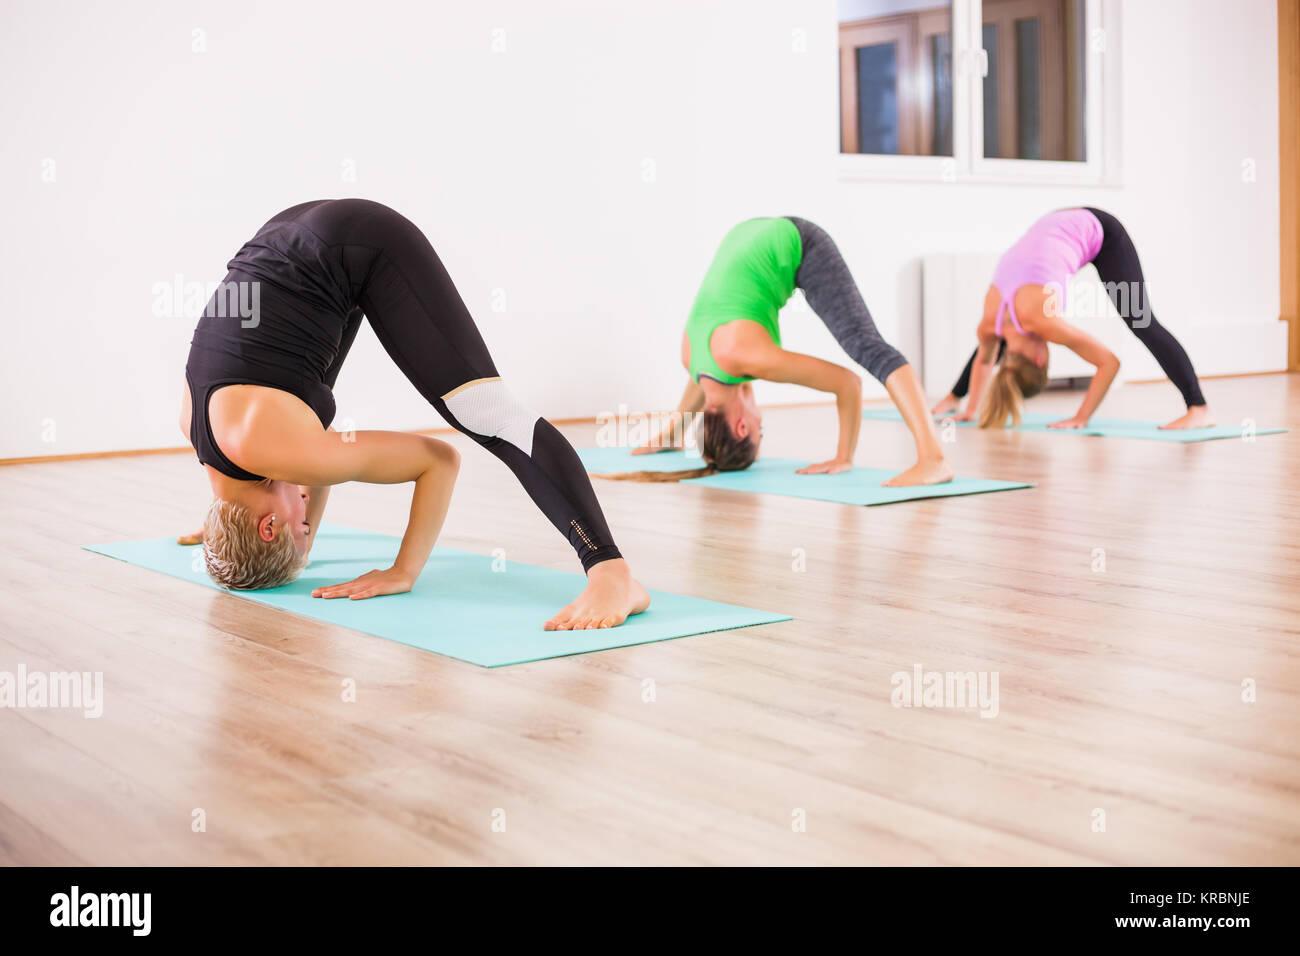 Trois jeunes filles pratiquant le yoga, Photo Stock